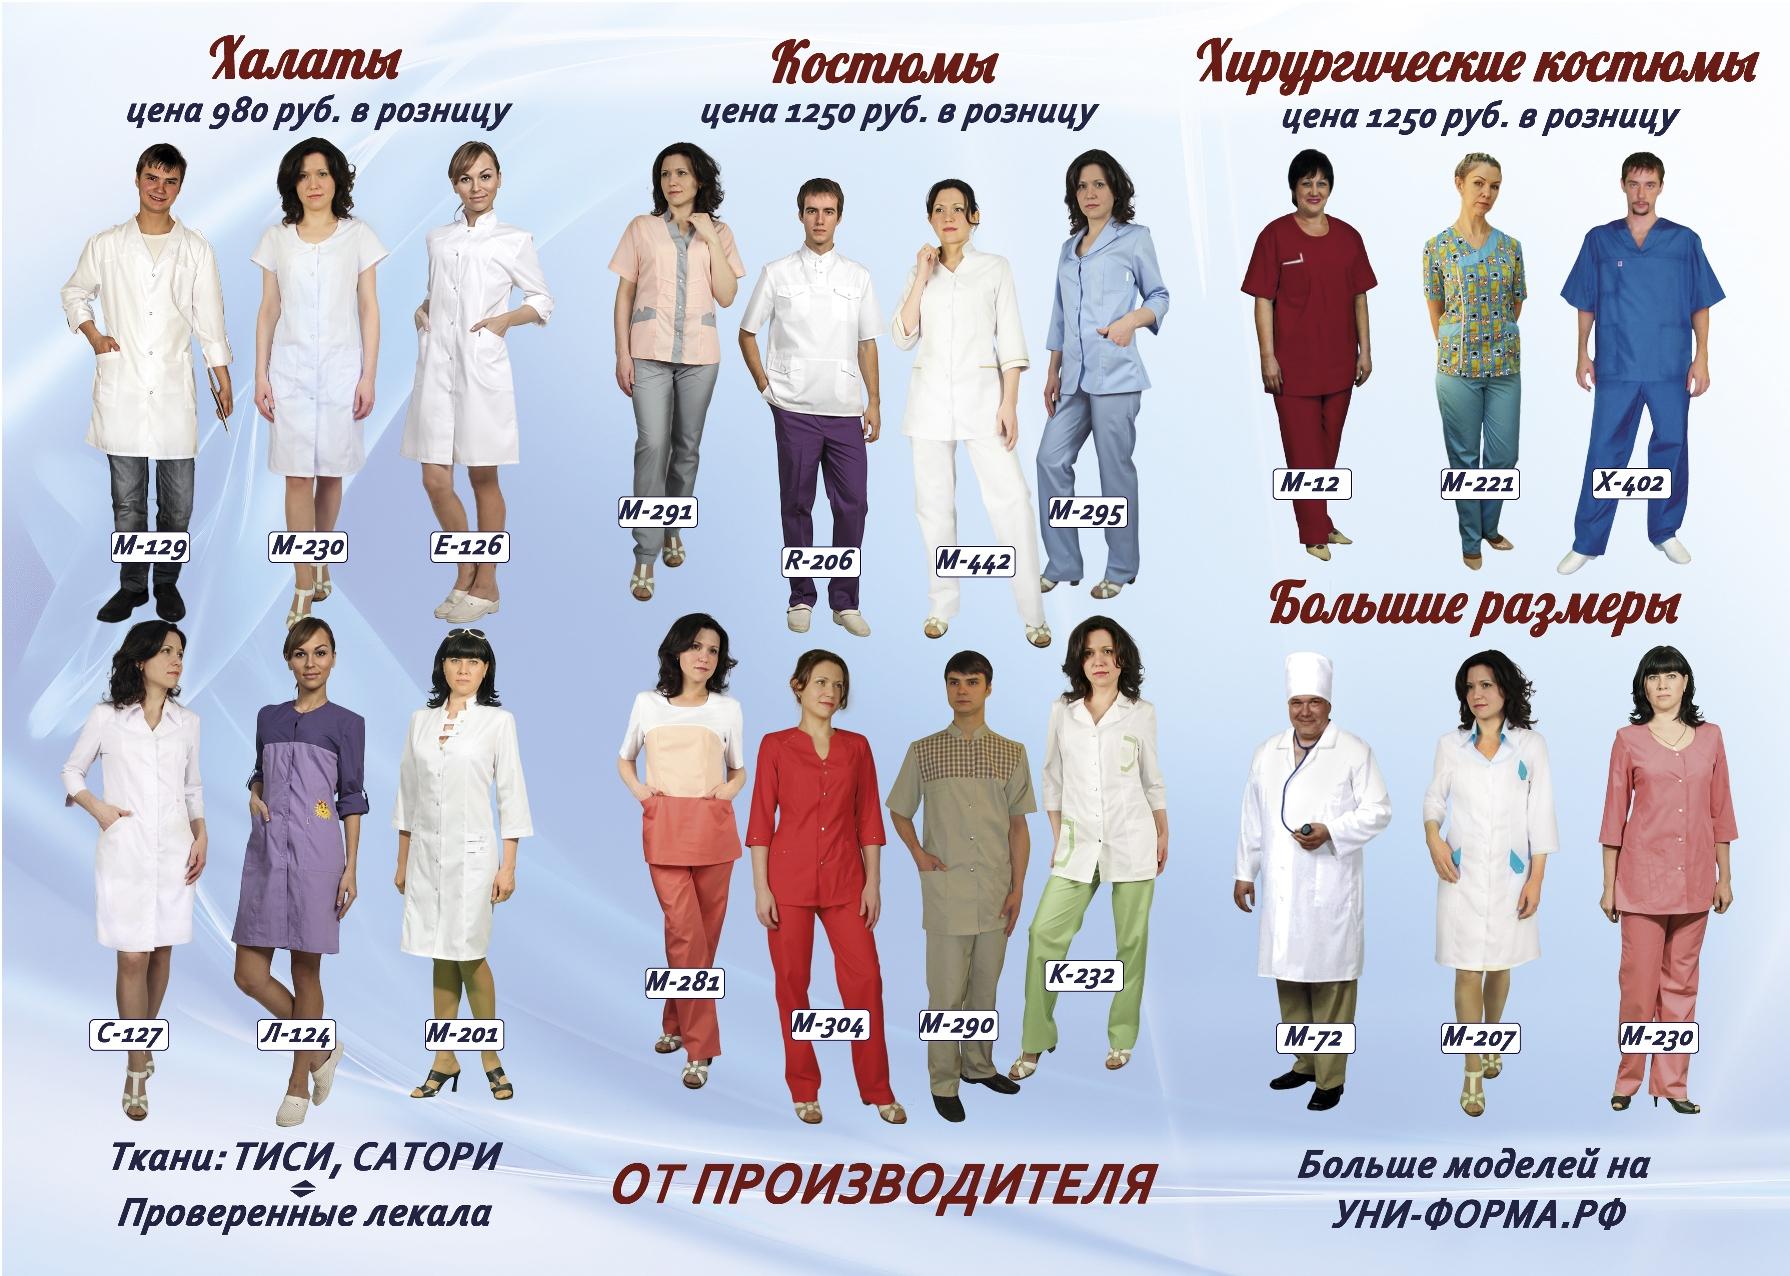 Распродажа медицинской одежды